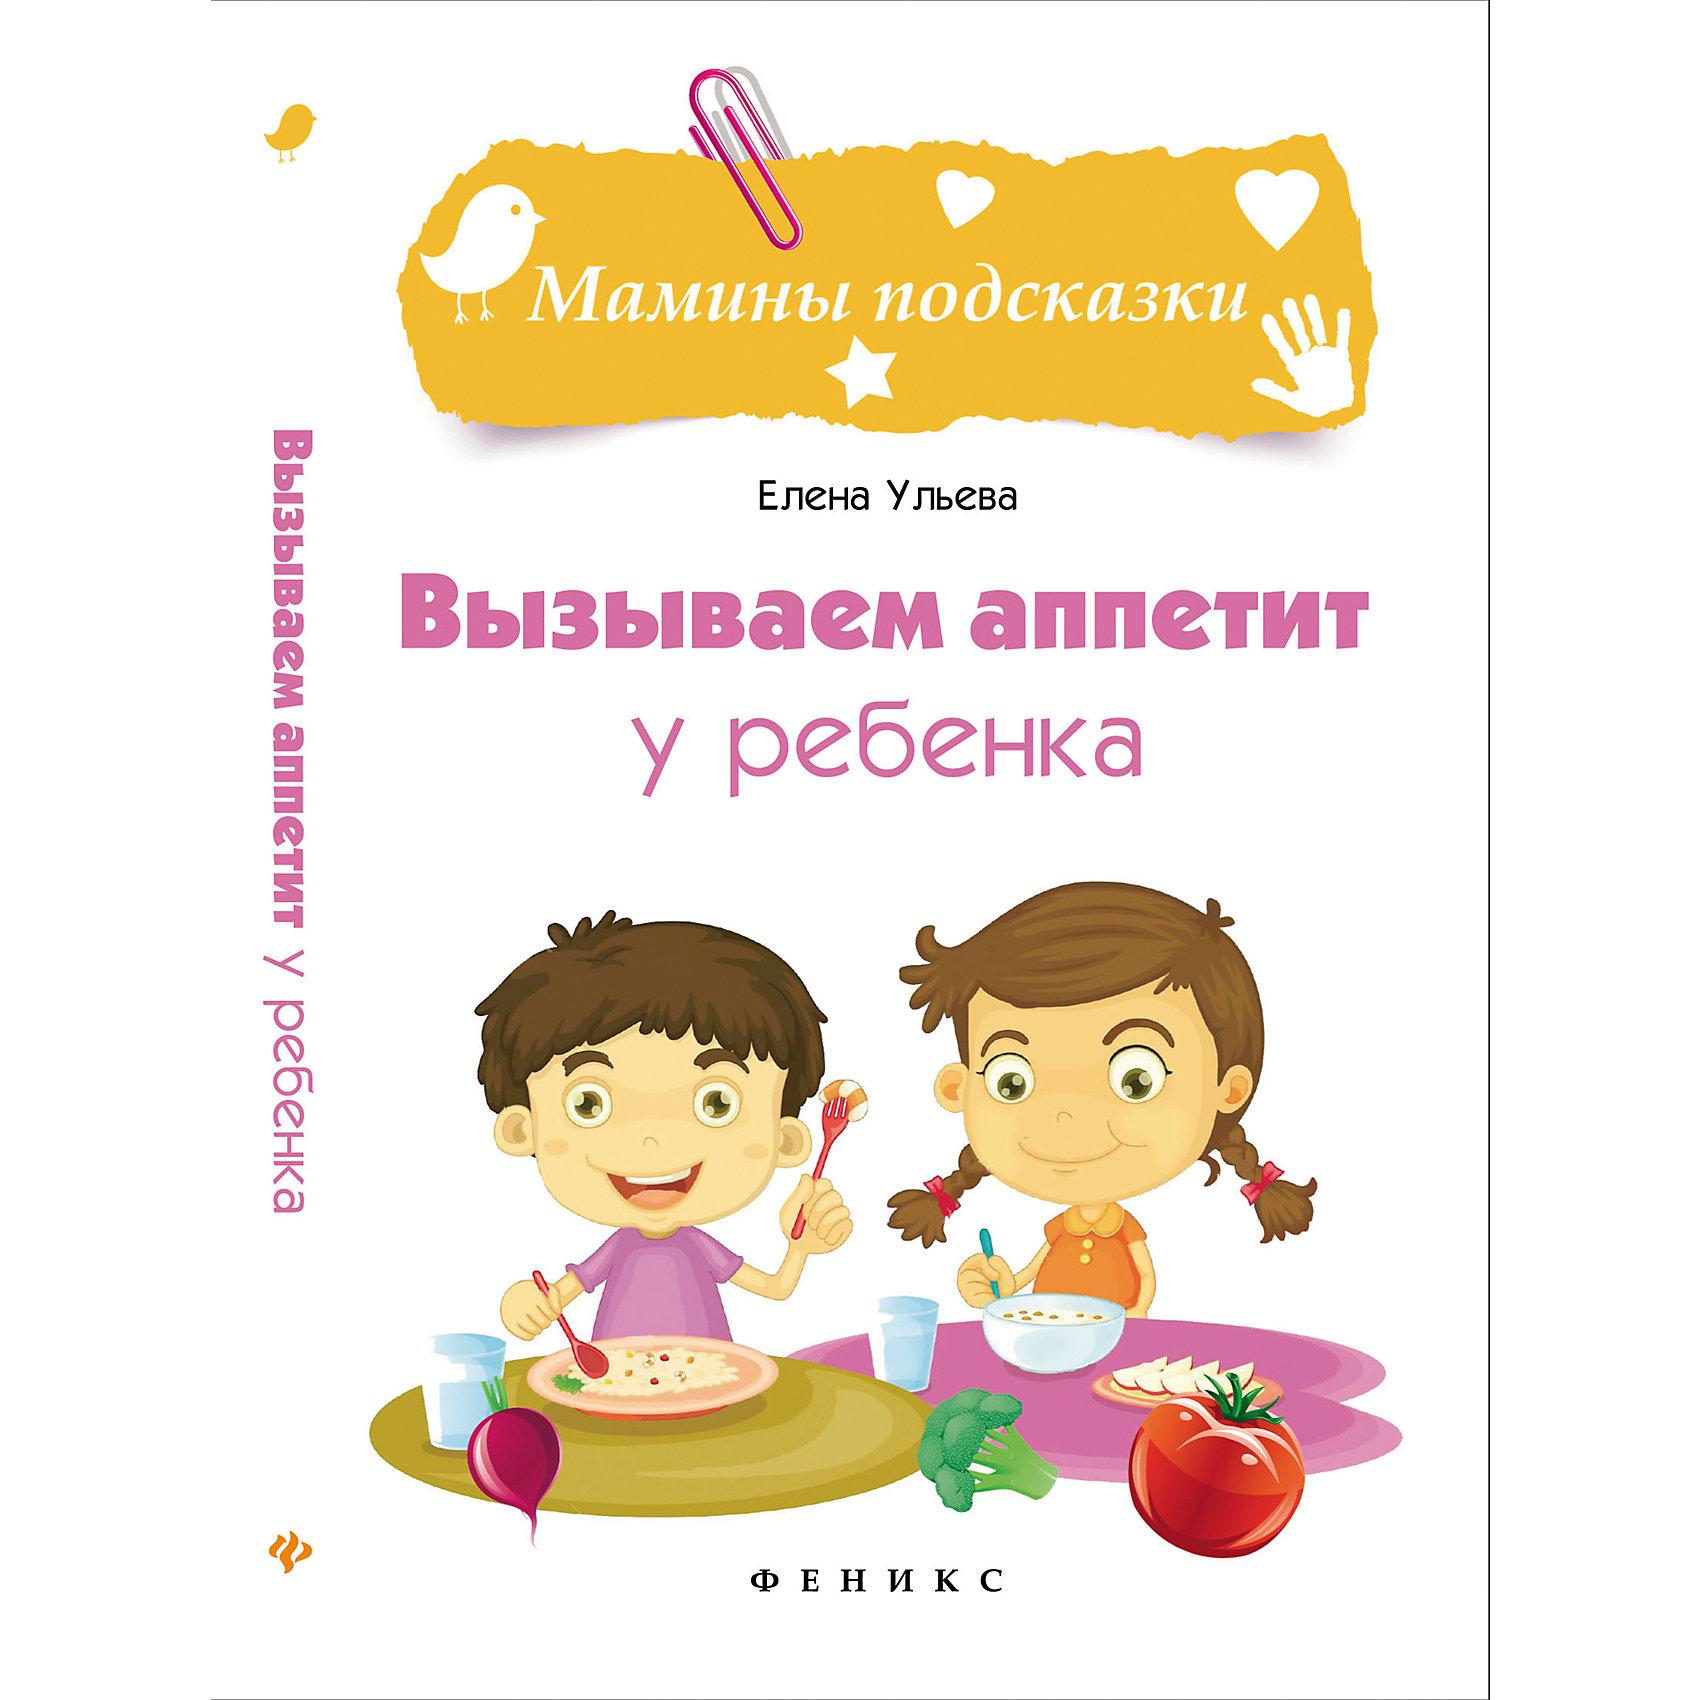 Книга Вызываем аппетит у ребенкаКниги для родителей<br>Каждая мама знает, как непросто накормить ребёнка, особенно если блюда полезные и питательные: овощные, молочные, диетические, а не широко разрекламированный фастфуд. Как же угодить маленьким привередам?<br>Попробуйте оформить свои привычные блюда рекомендовано в этой книге, расскажите малышу интересную историю, стихотворение — и он съест всё до крошки. Мы раскроем все секреты! Результат вы увидите в его пустой тарелке! Он будет снова и снова просить полюбившиеся блюда. Тем более что в их приготовлении примут участие ваши маленькие помощники. А есть то, что сделано своими руками, гораздо интереснее и вкуснее!<br><br>Ширина мм: 70<br>Глубина мм: 126<br>Высота мм: 180<br>Вес г: 134<br>Возраст от месяцев: 144<br>Возраст до месяцев: 2147483647<br>Пол: Унисекс<br>Возраст: Детский<br>SKU: 5500993